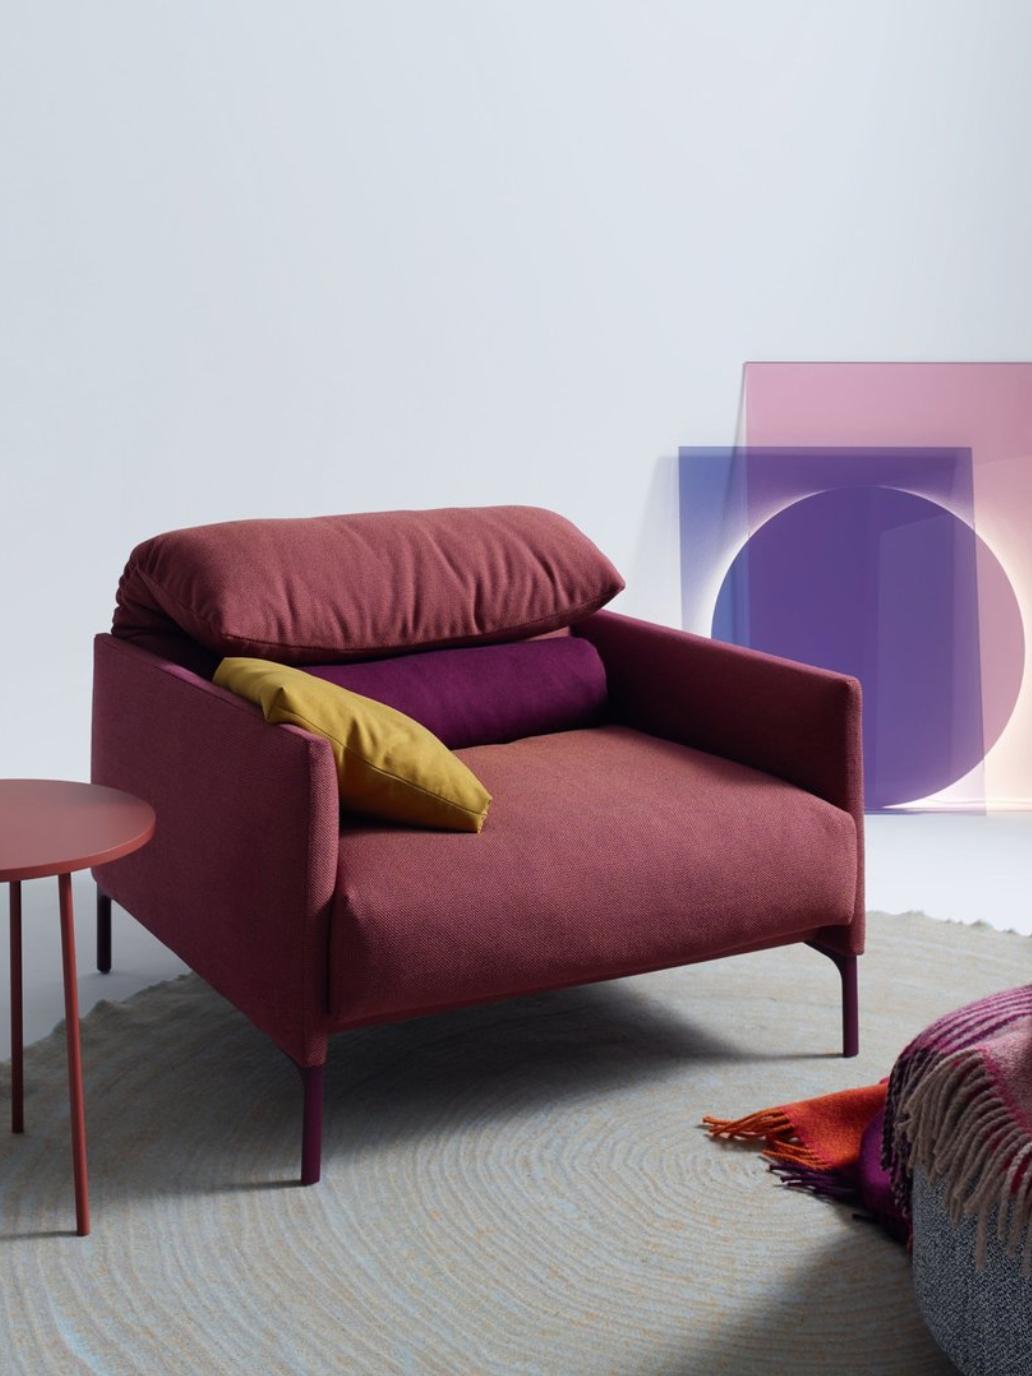 Avalanche zetel van COR in design meubelwinkel Loncin in Hasselt, Sint-Truiden en Leuven  design zetel en sofa Brussel Brabant Antwerpen Mechelen Limburg Maastricht interieur.png